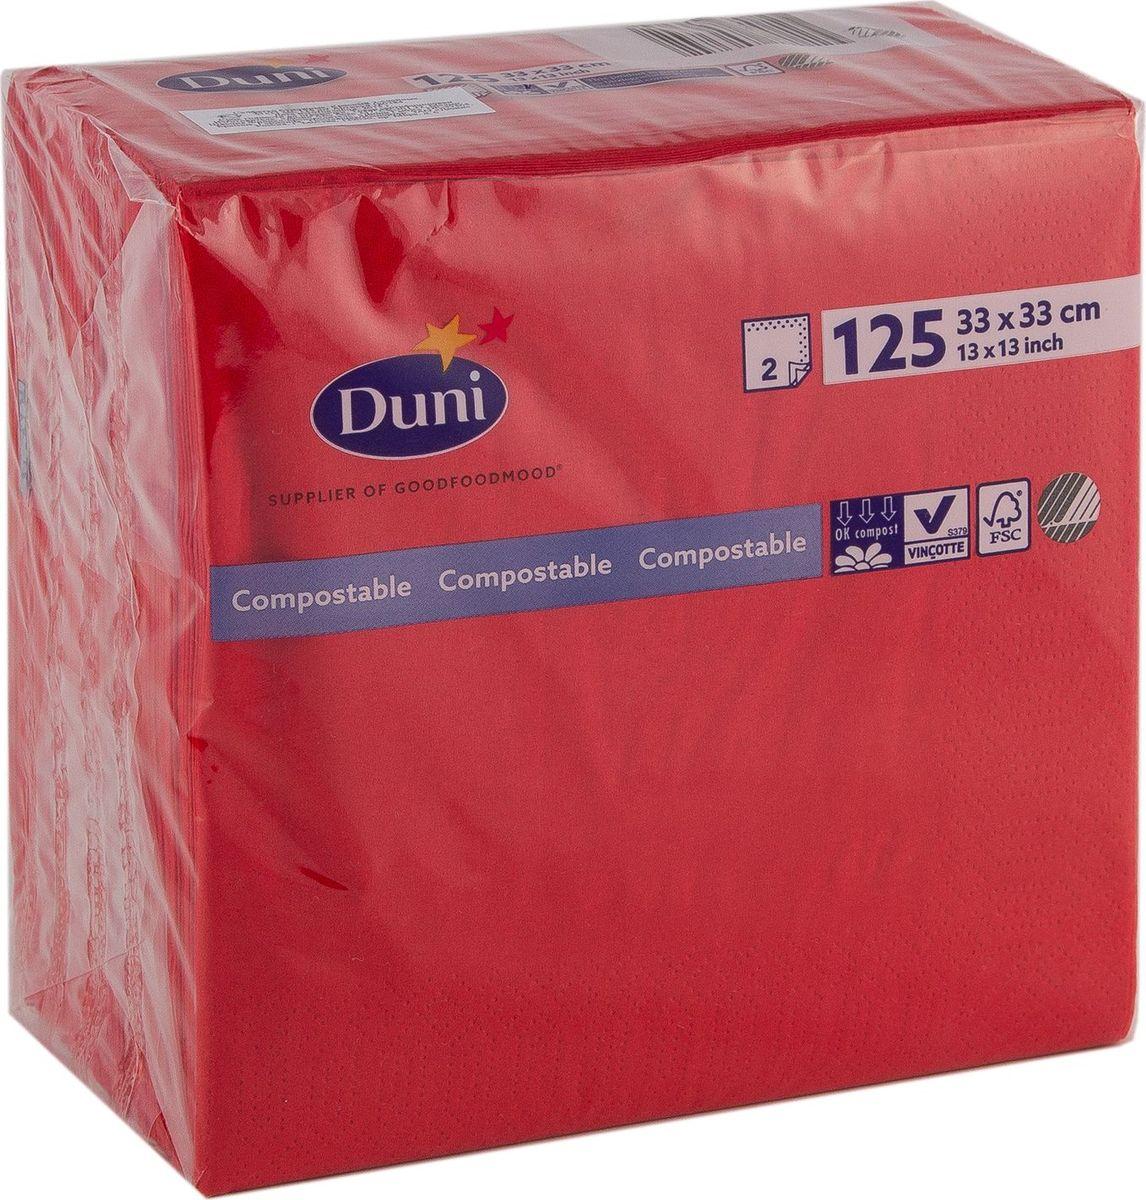 Салфетки бумажные Duni, 2-слойные, 24 х 24 см180384Многослойные бумажные салфетки изготовлены из экологически чистого, высококачественного сырья - 100% целлюлозы. Салфетки выполнены в оригинальном и современном стиле, прекрасно сочетаются с любым интерьером и всегда будут прекрасным и незаменимым украшением стола.